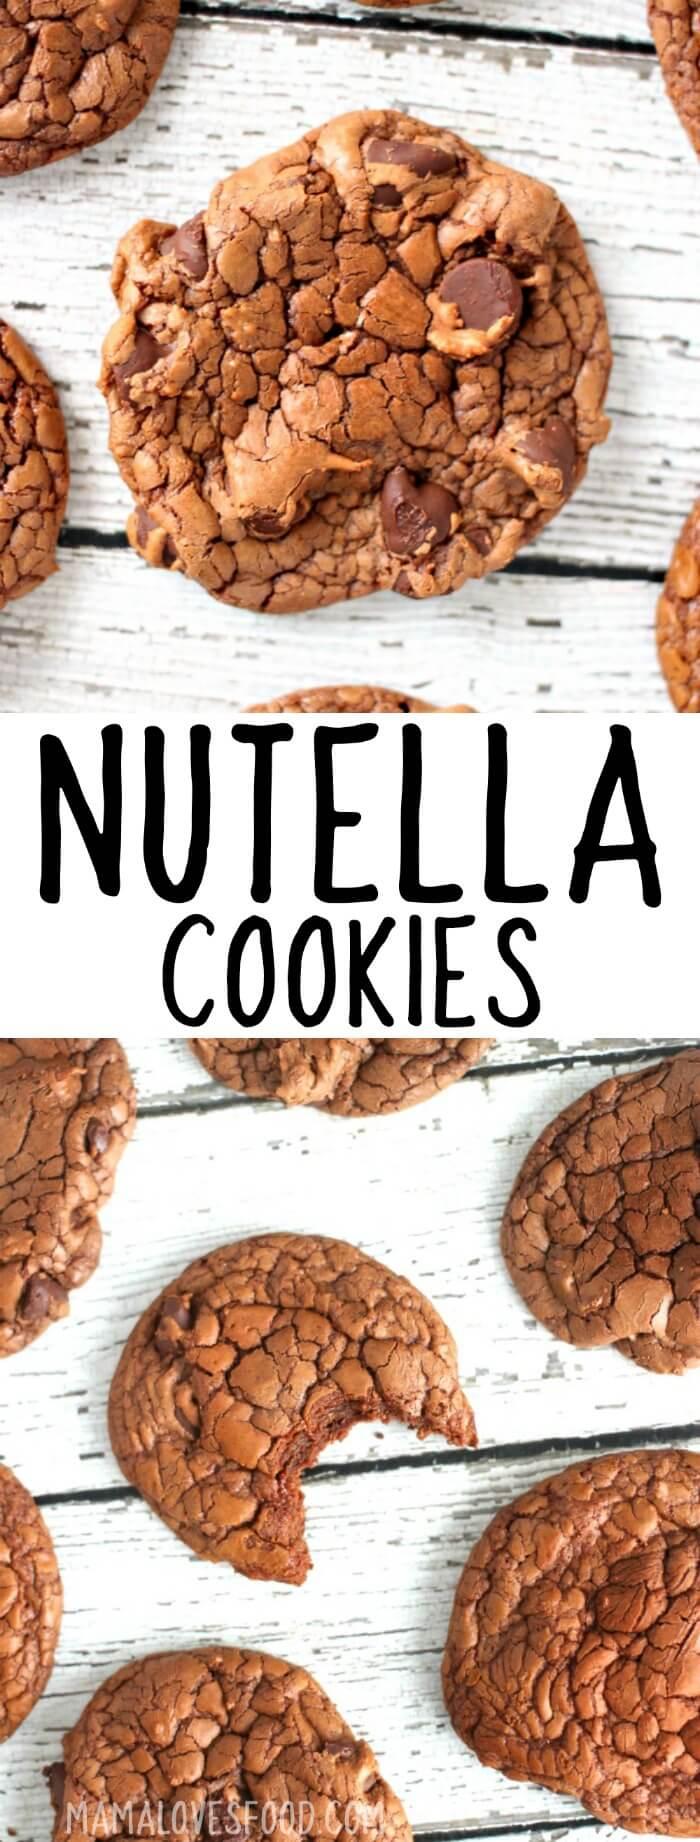 EASY NUTELLA COOKIES